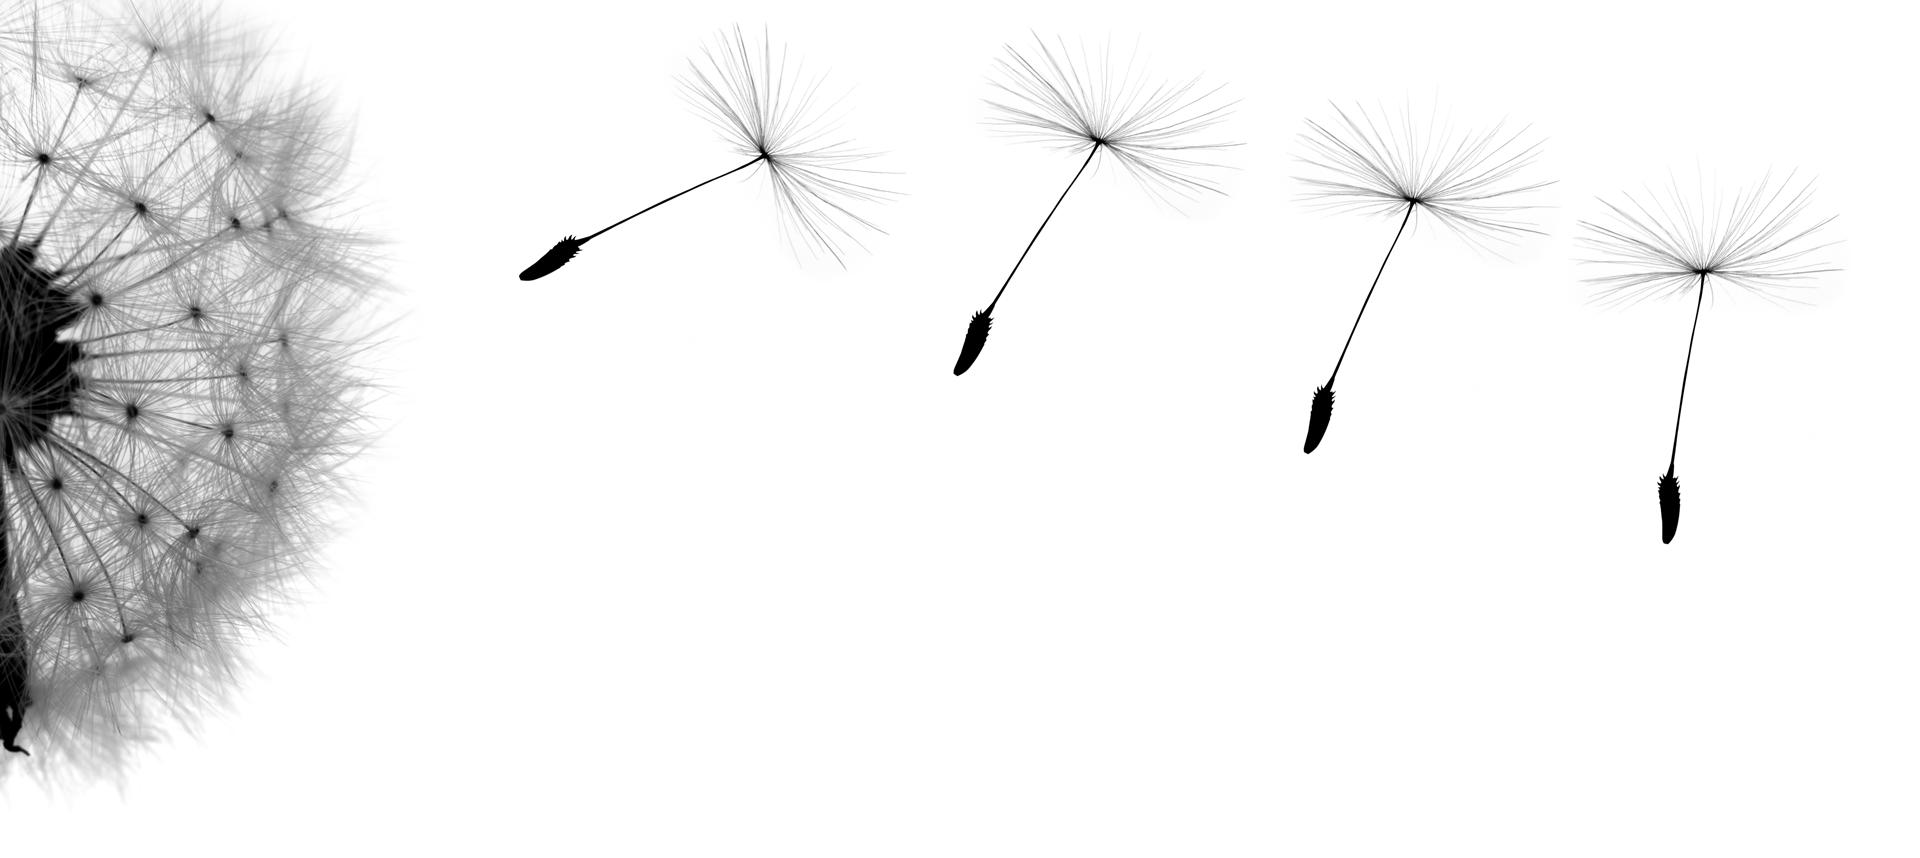 dandelion u0026 39 s approach